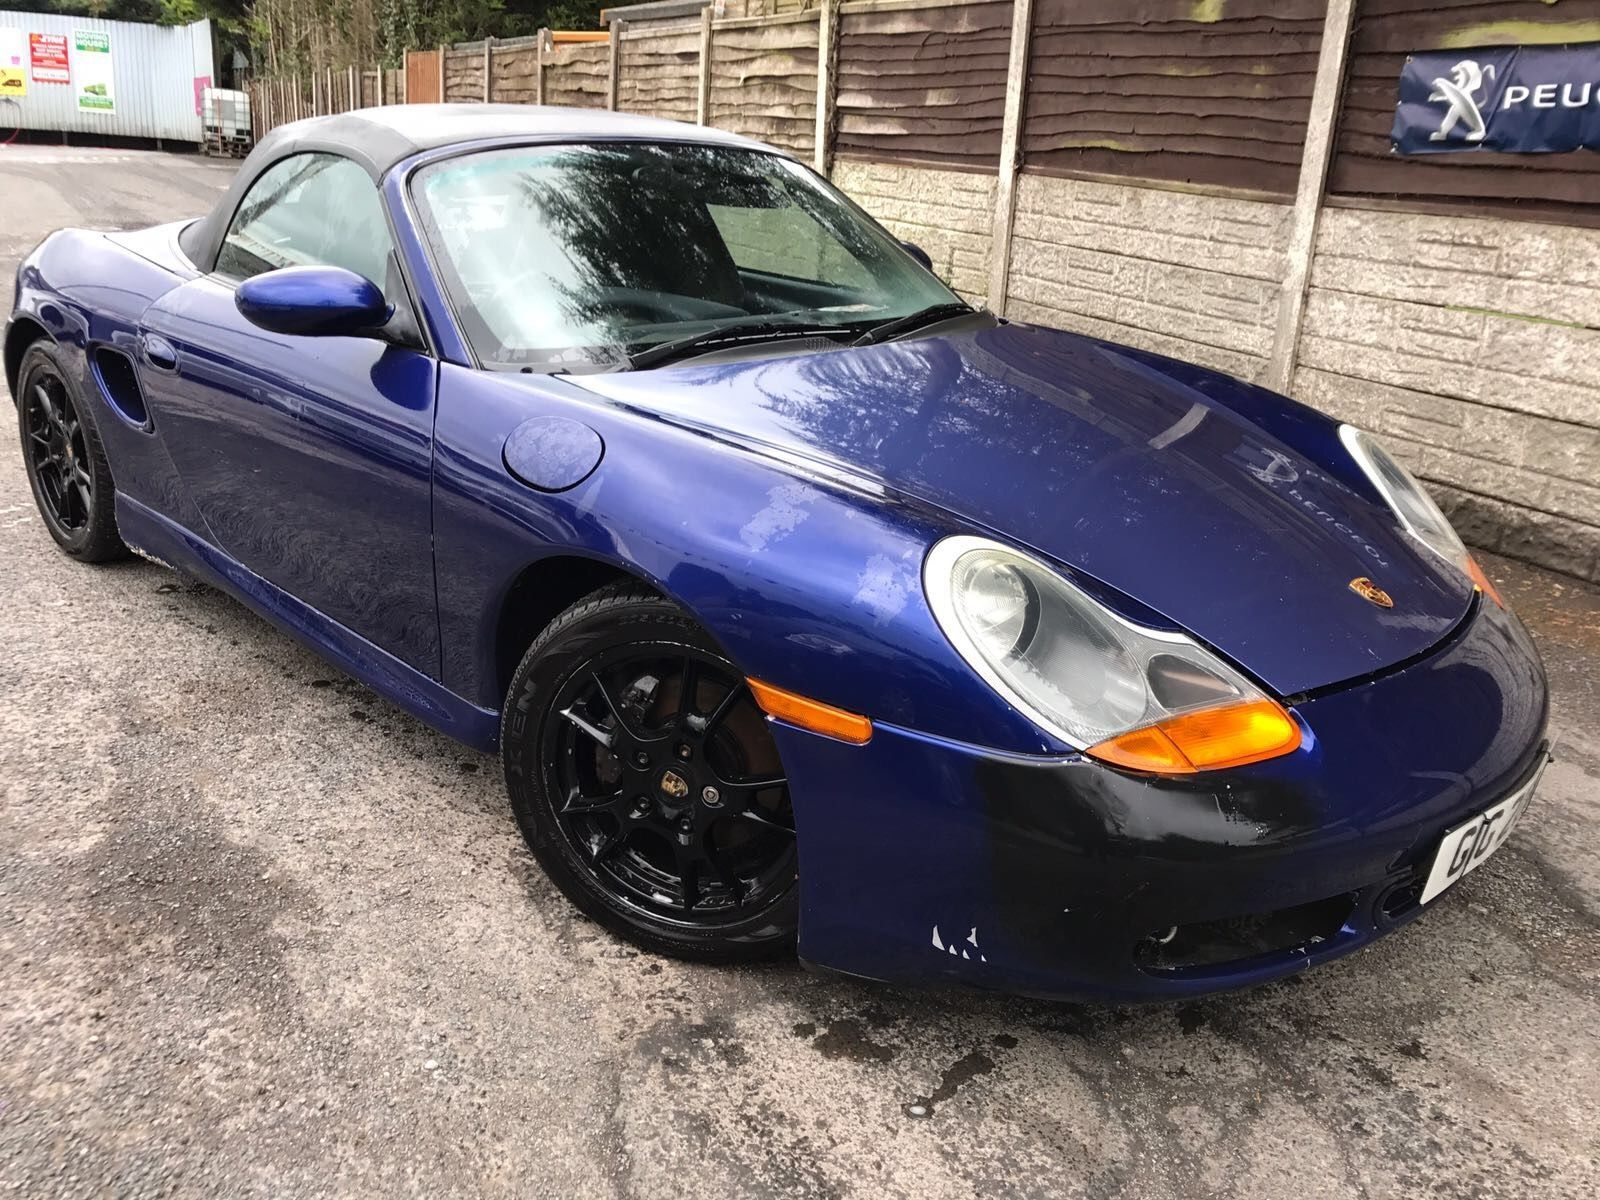 Porsche Boxster convertible 2001 2.7 petrol blue 59k salvage spares